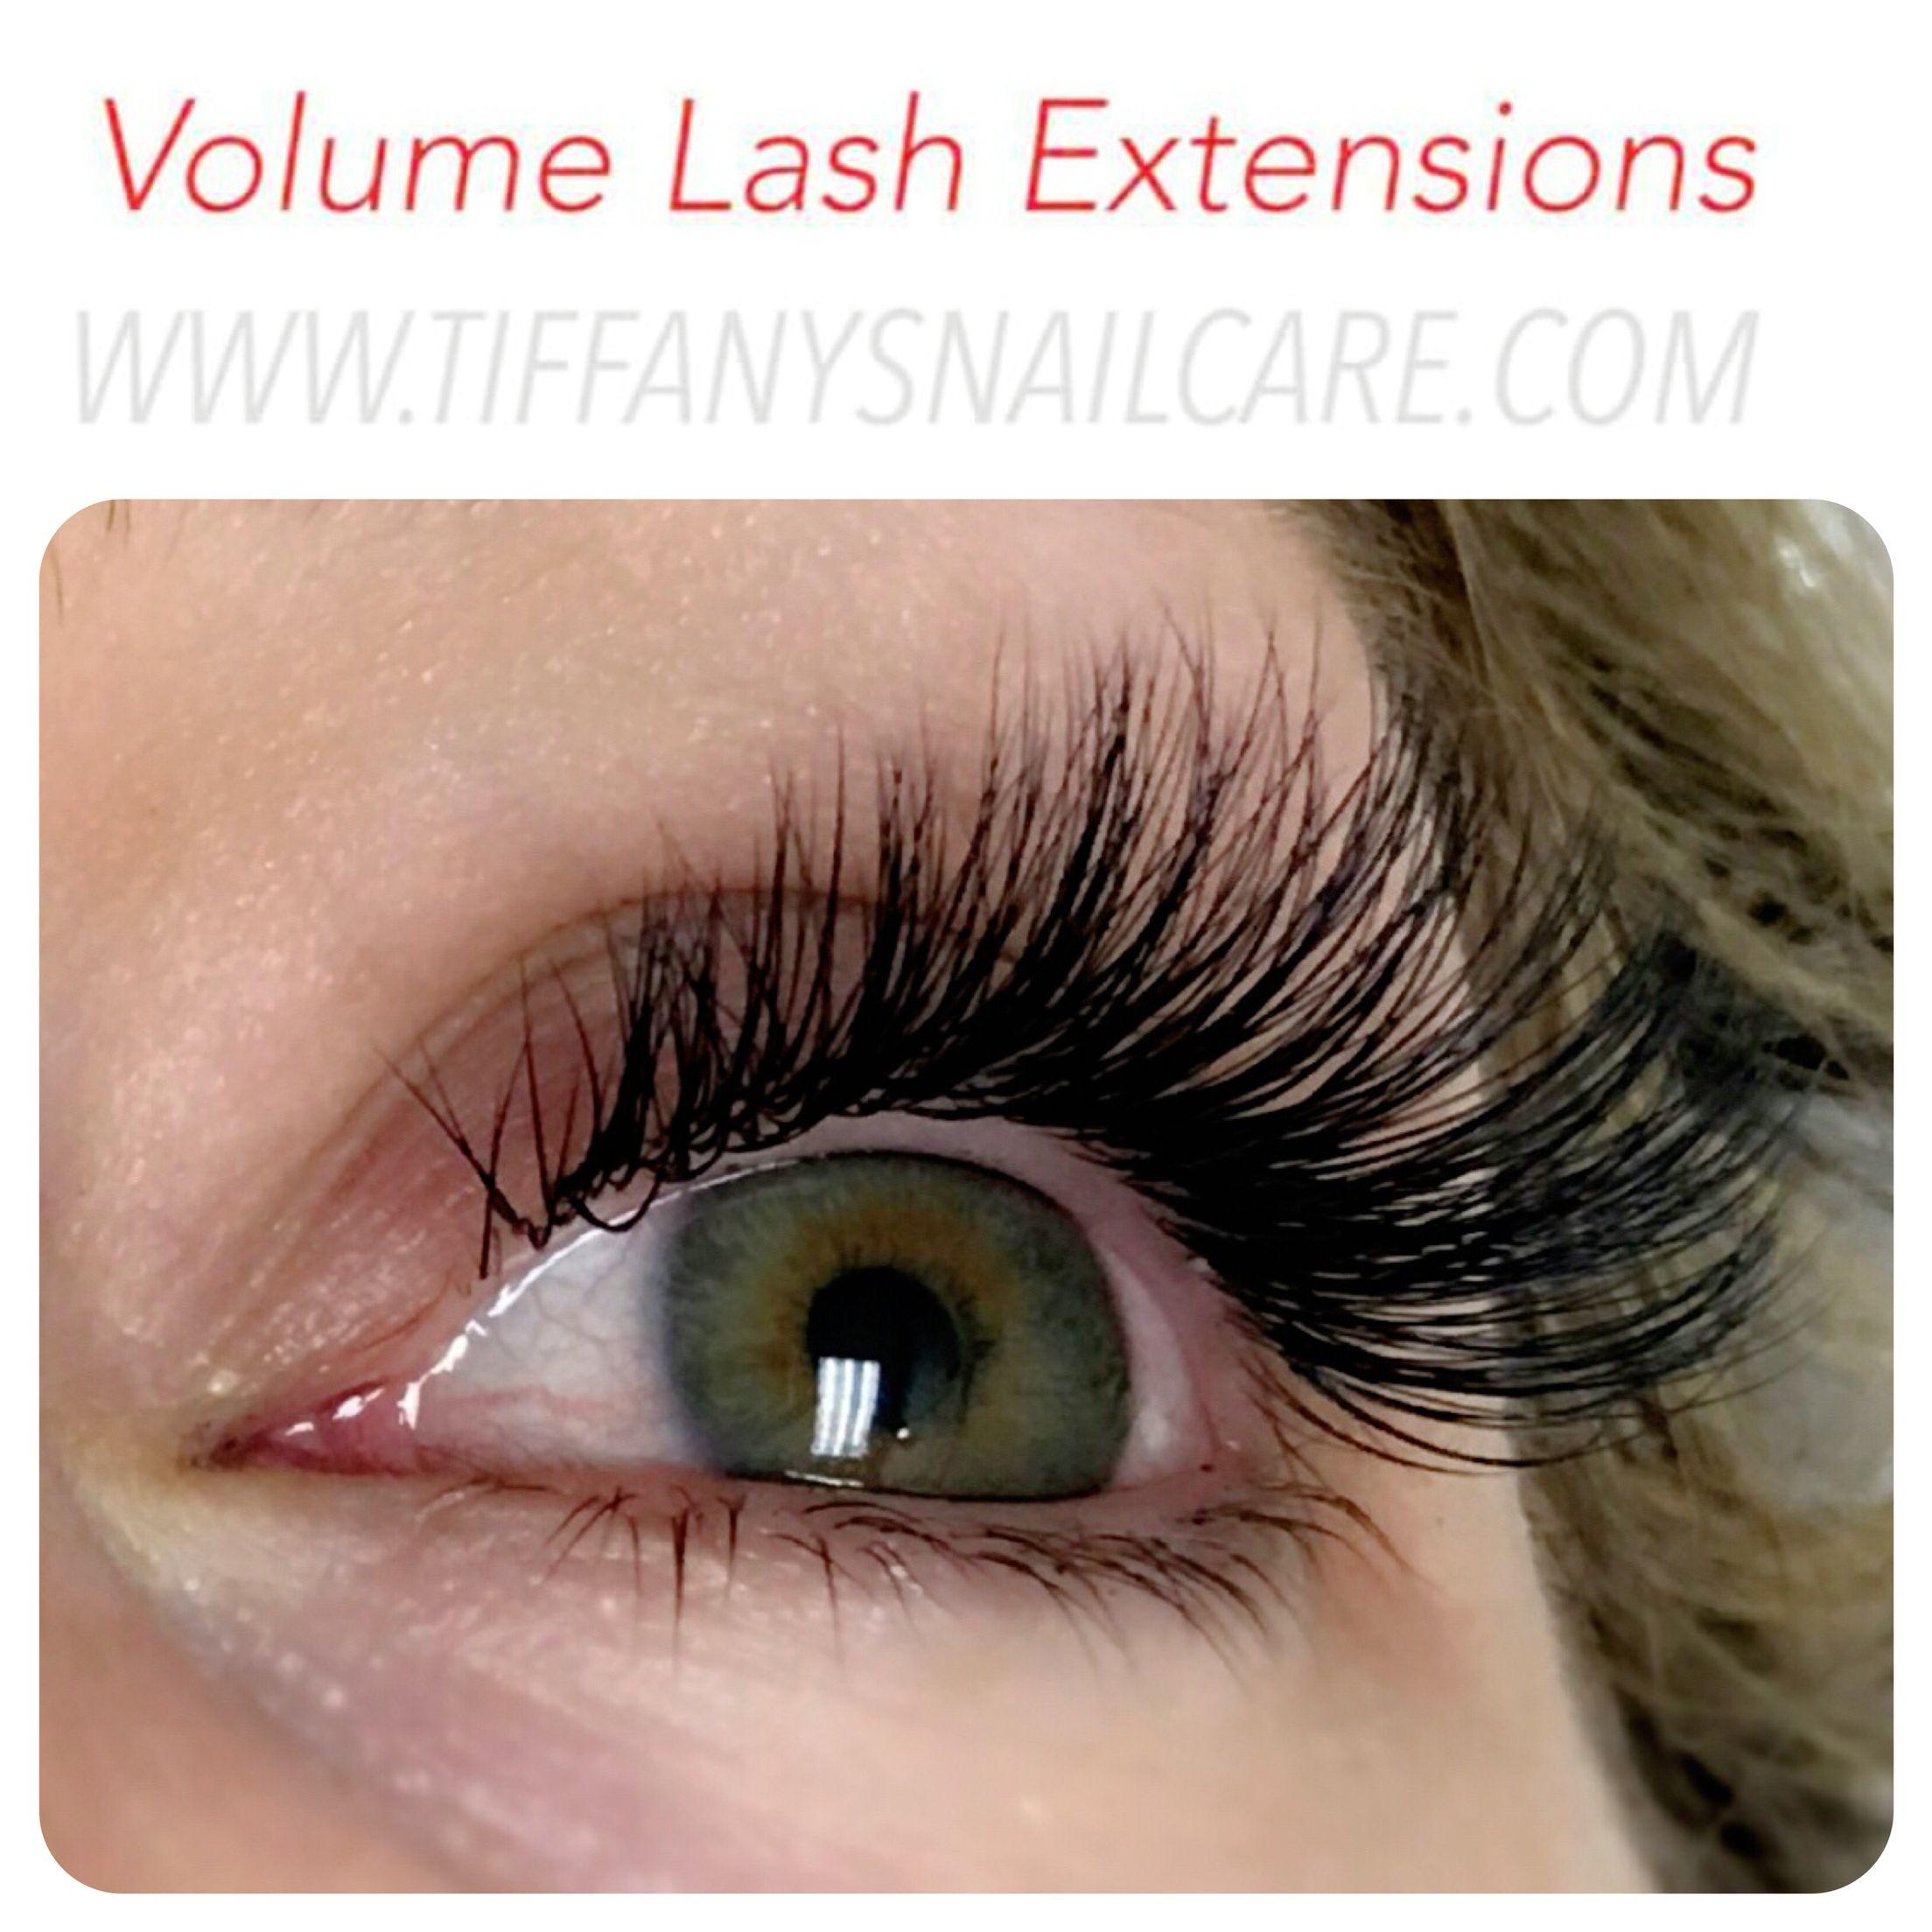 7b0e4038ee1 Tiffanys Nails | Eyelash extensions | Nails, Great nails, Eyelash ...